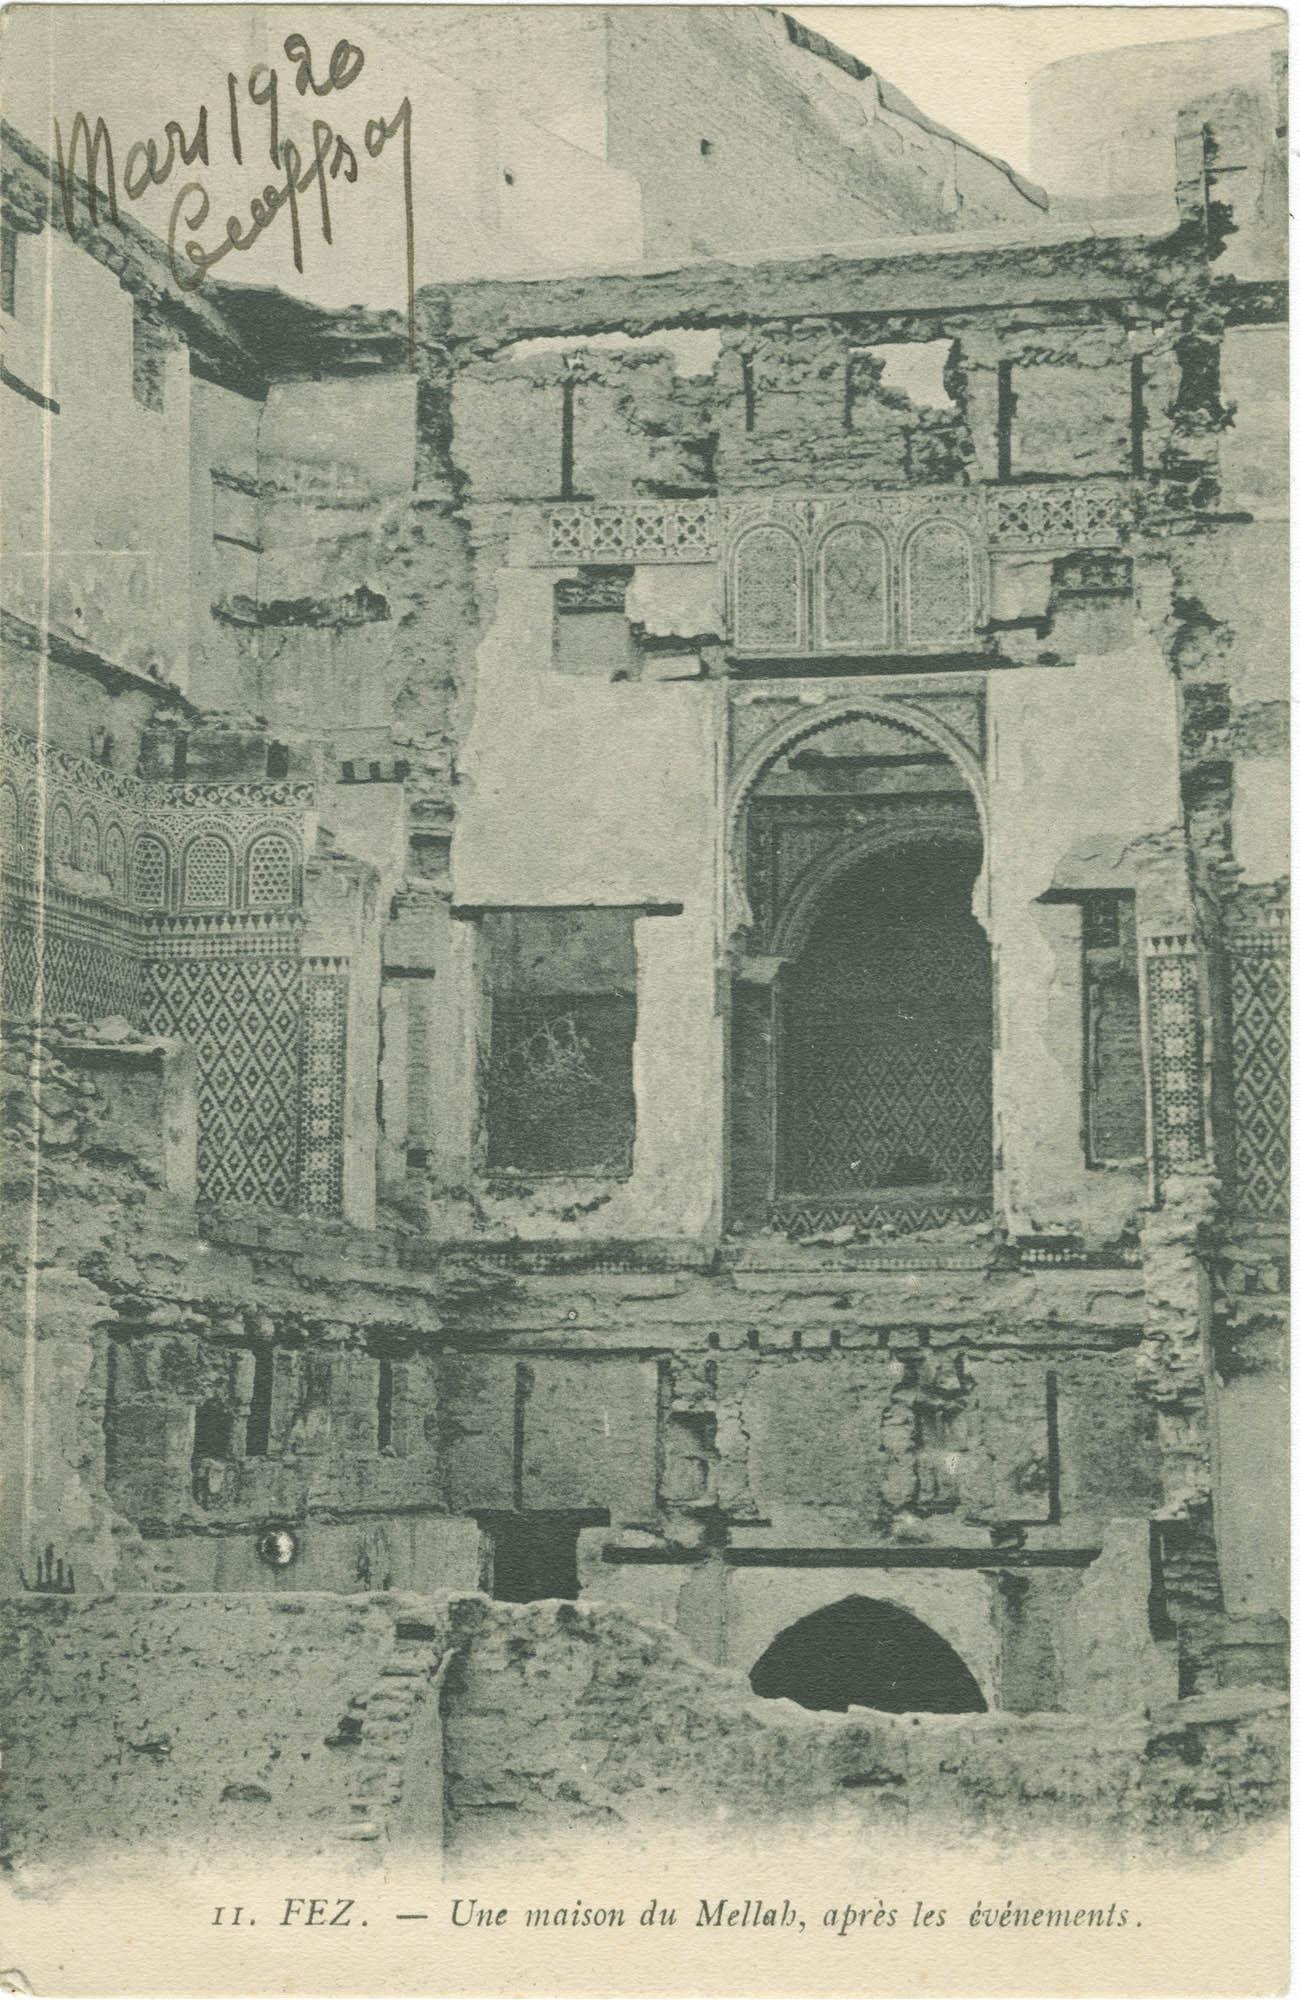 FEZ. - Une maison du Mellah, après les événements.